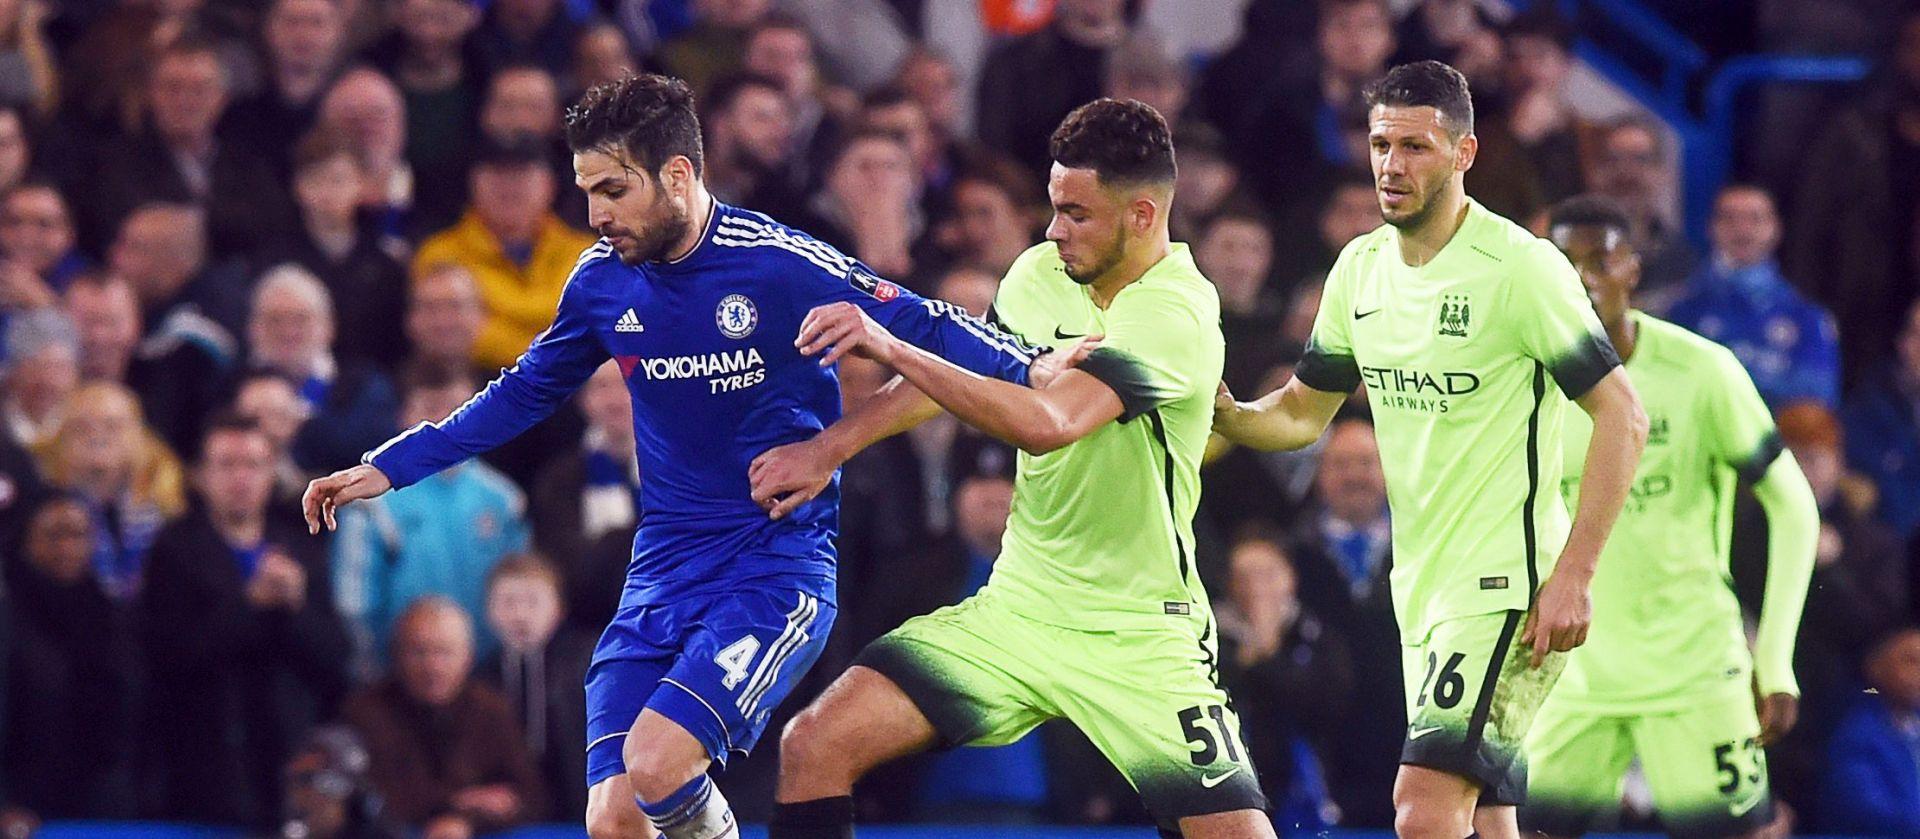 POZNATI PAROVI ČETVRTFINALA FA KUPA Chelsea kod kuće svladao City sa 5:1